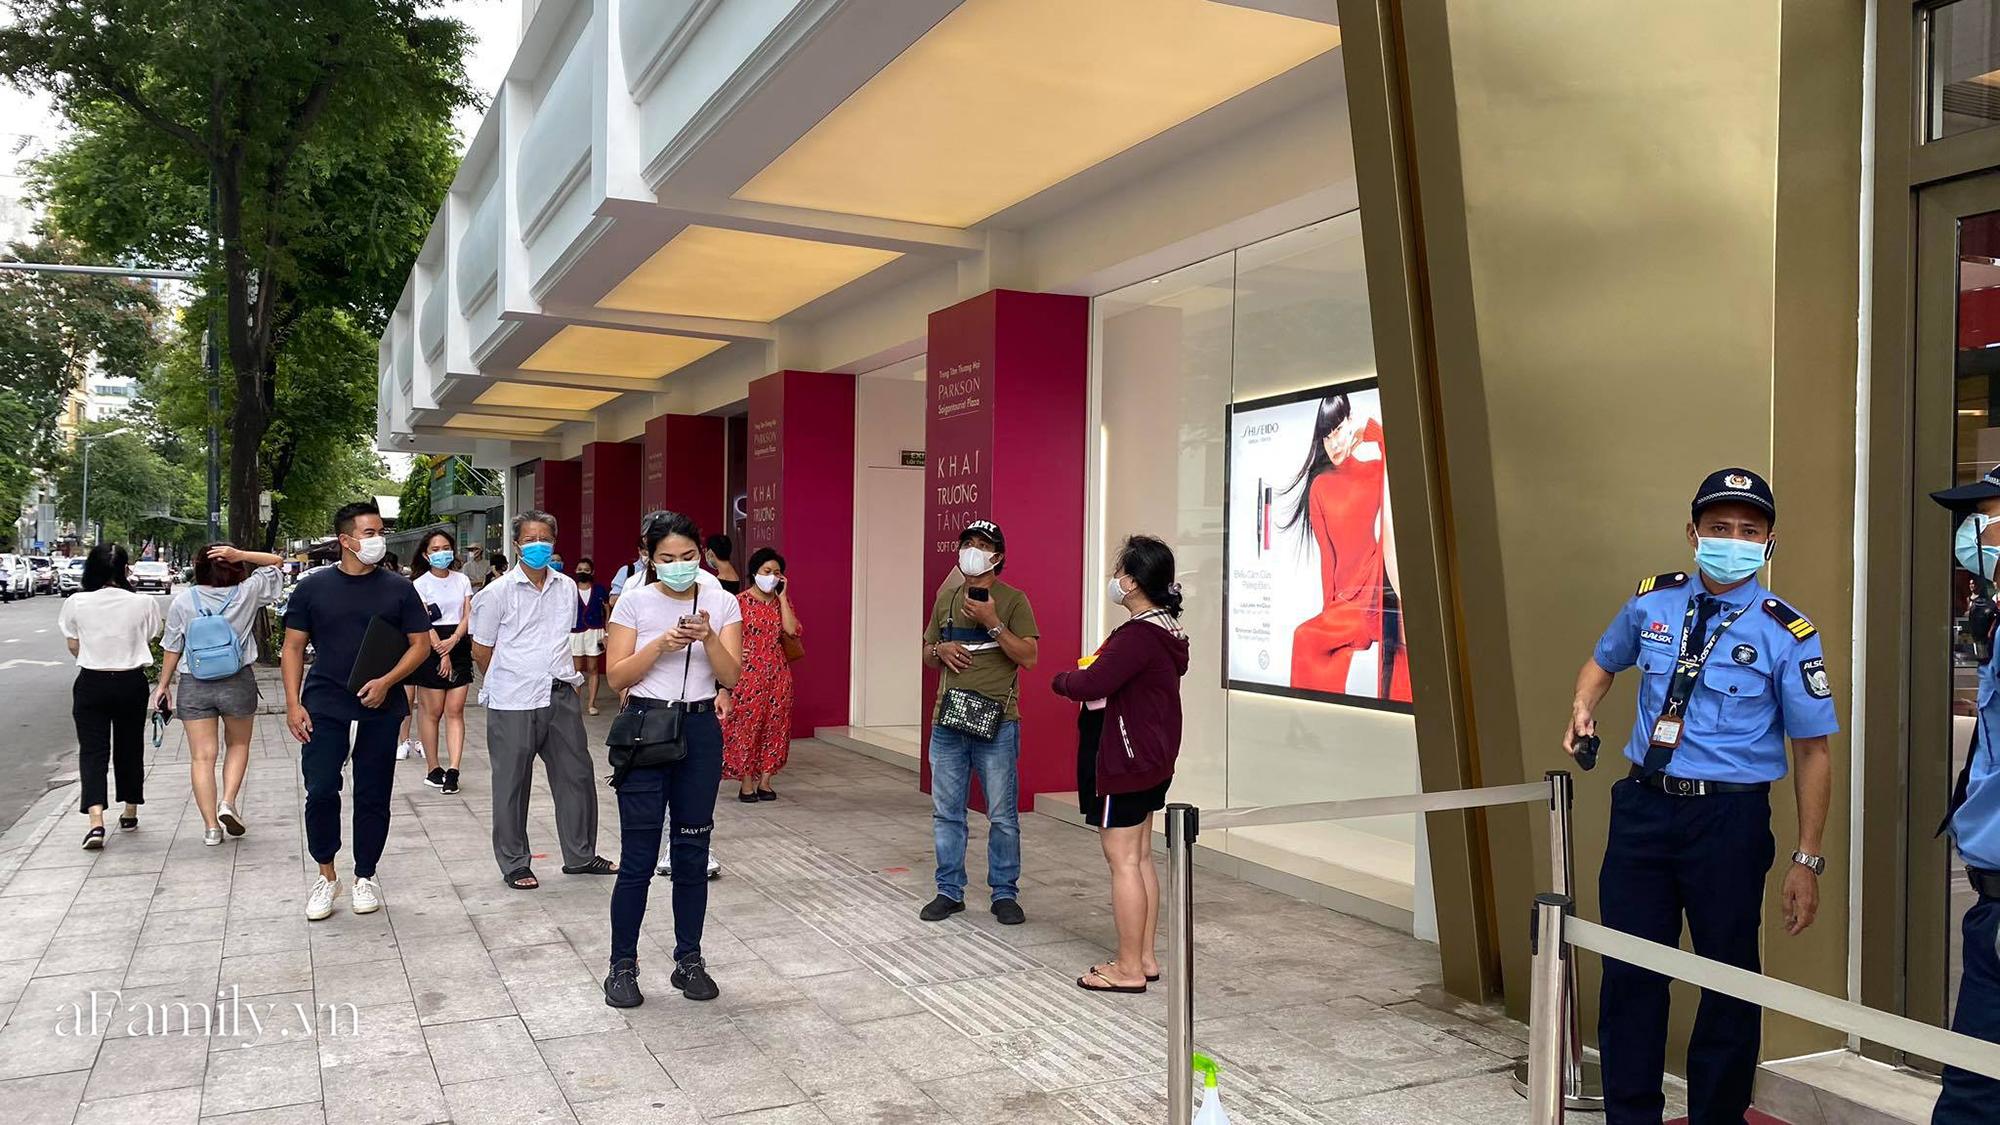 Ngày đón khách đầu tiên của MUJI tại Sài Gòn, không truyền thông rầm rộ nhưng dòng người xếp hàng dài cách nhau 2m vẫn nối đuôi như vô tận -1